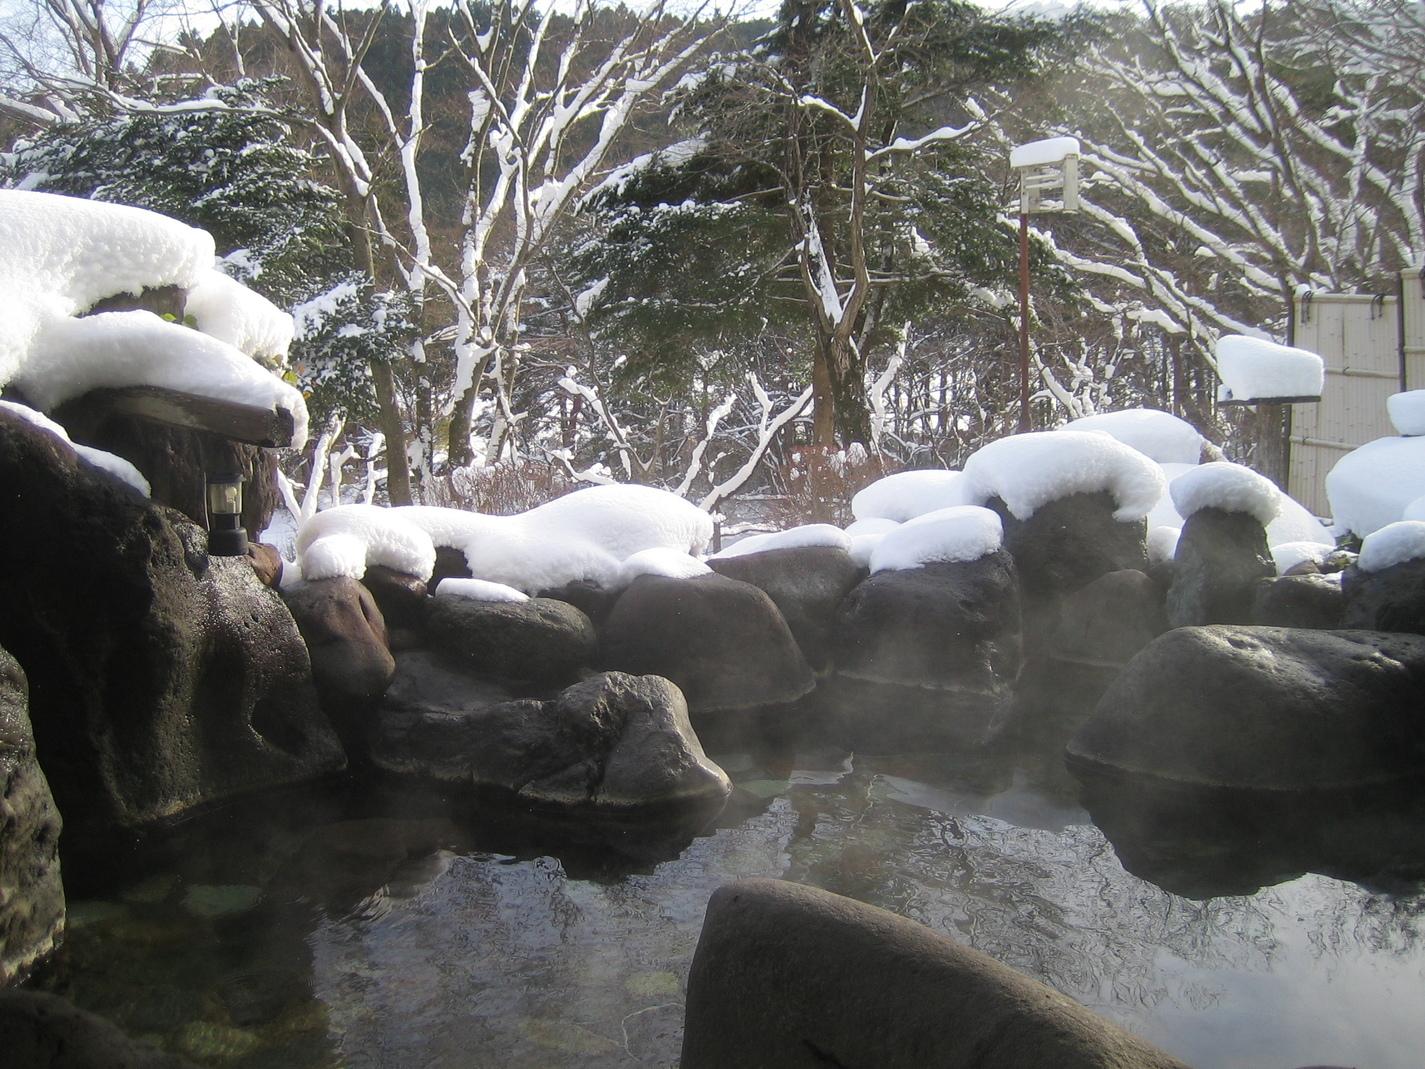 Gensen Hotarunoyu